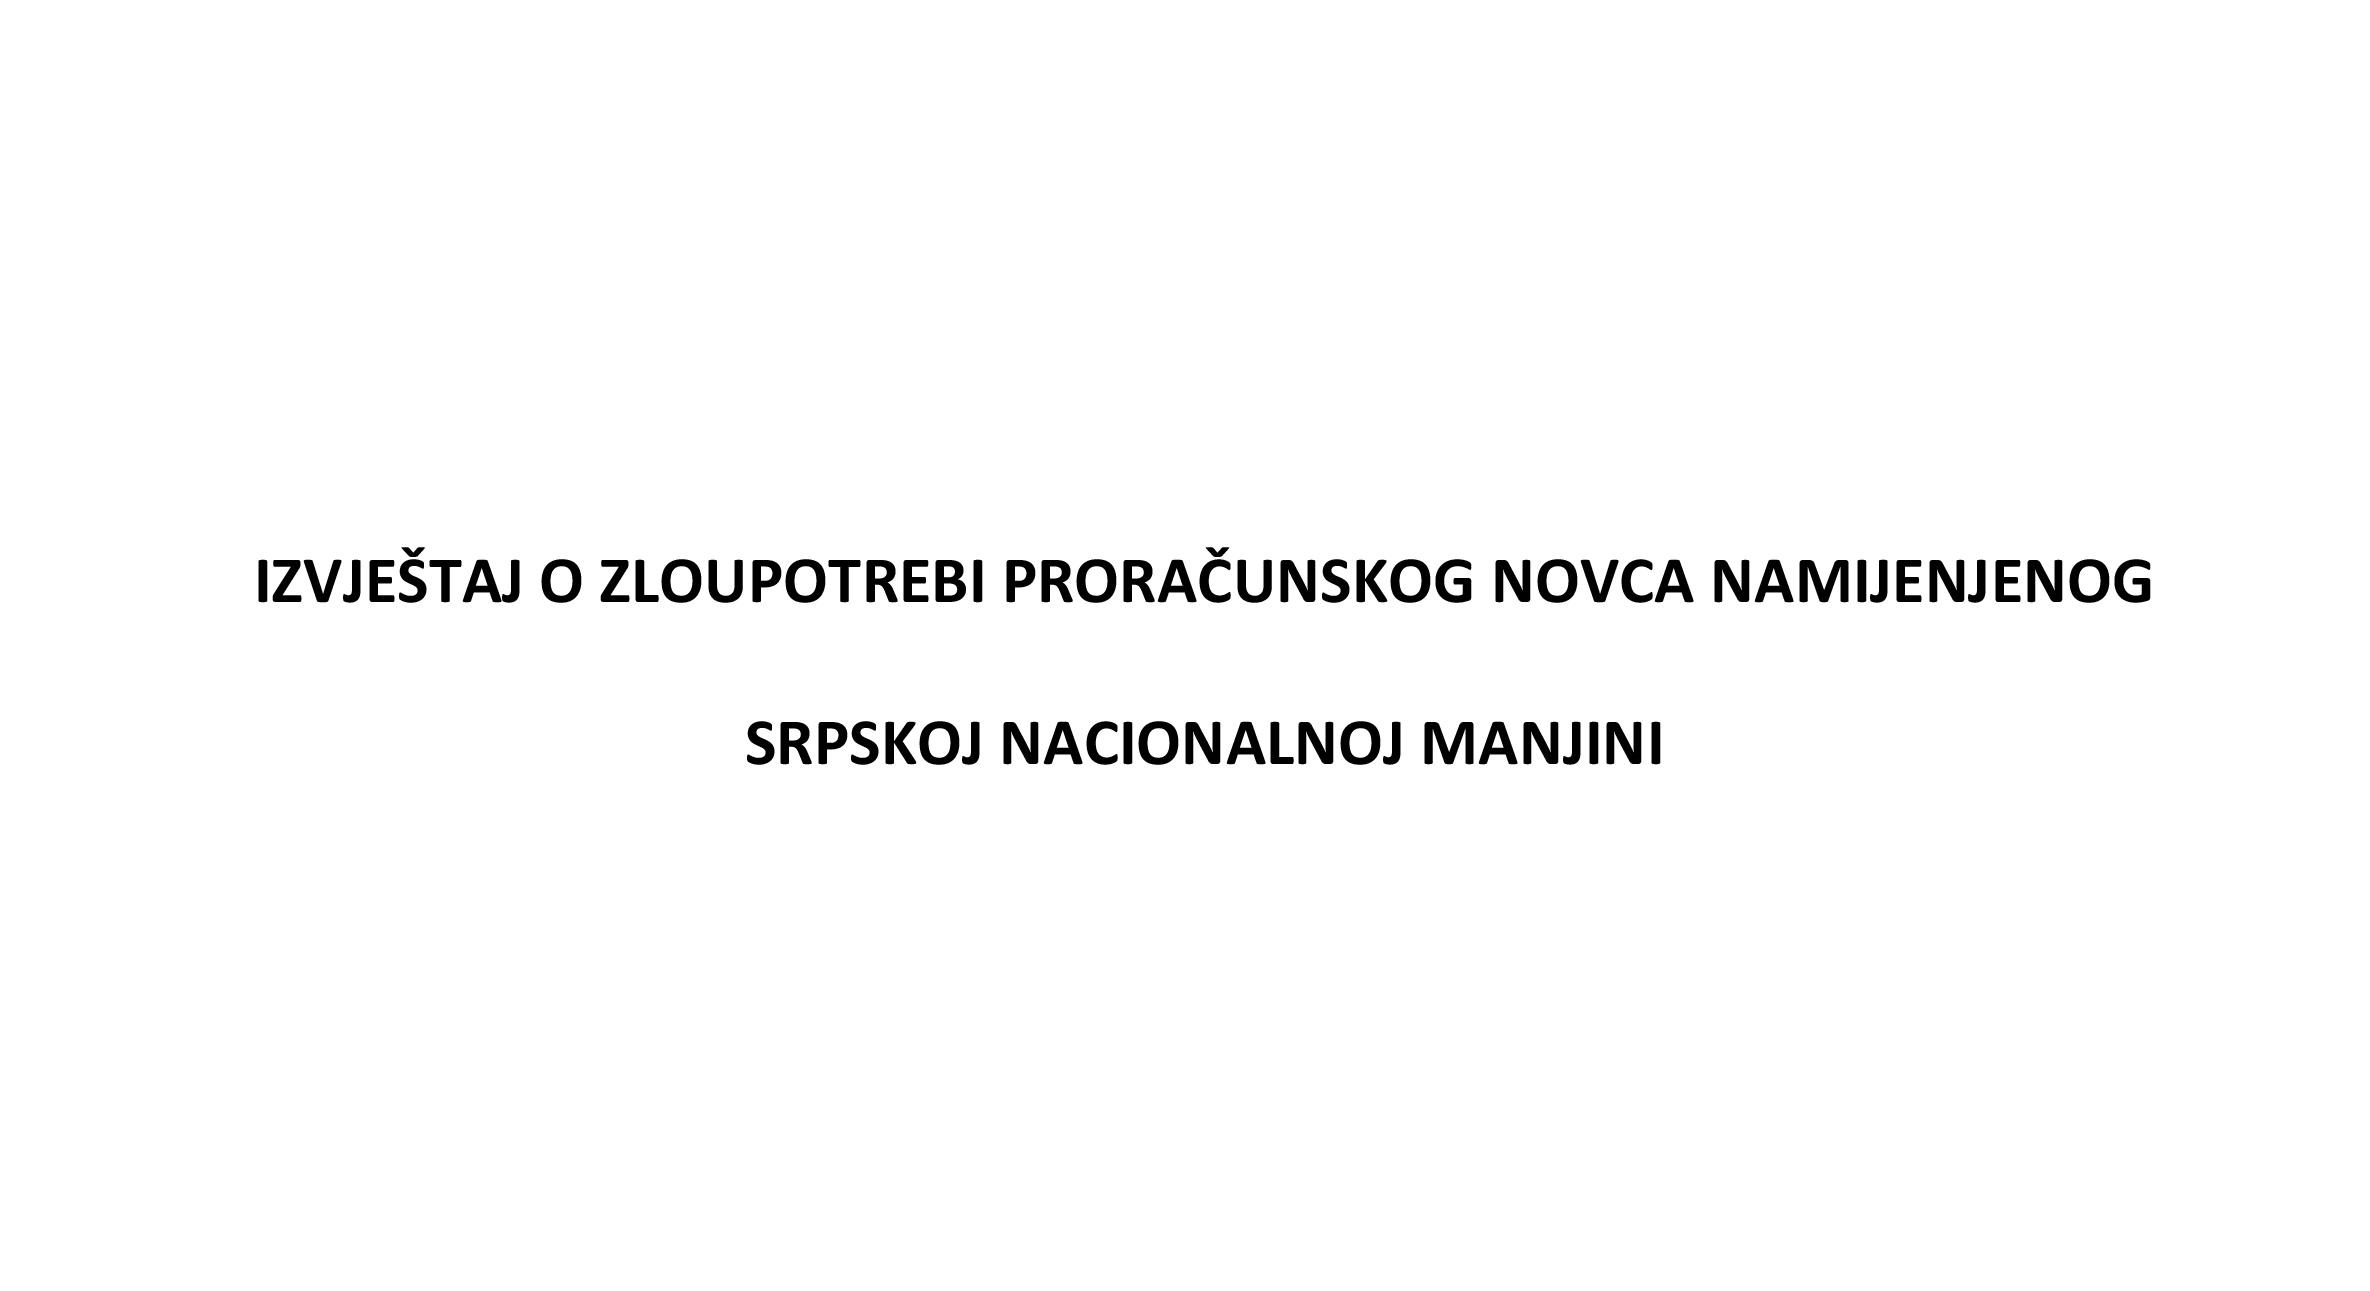 Pročitajte Izvještaj U ime obitelji o zloupotrebi proračunskog novca namijenjenog srpskoj nacionalnoj manjini